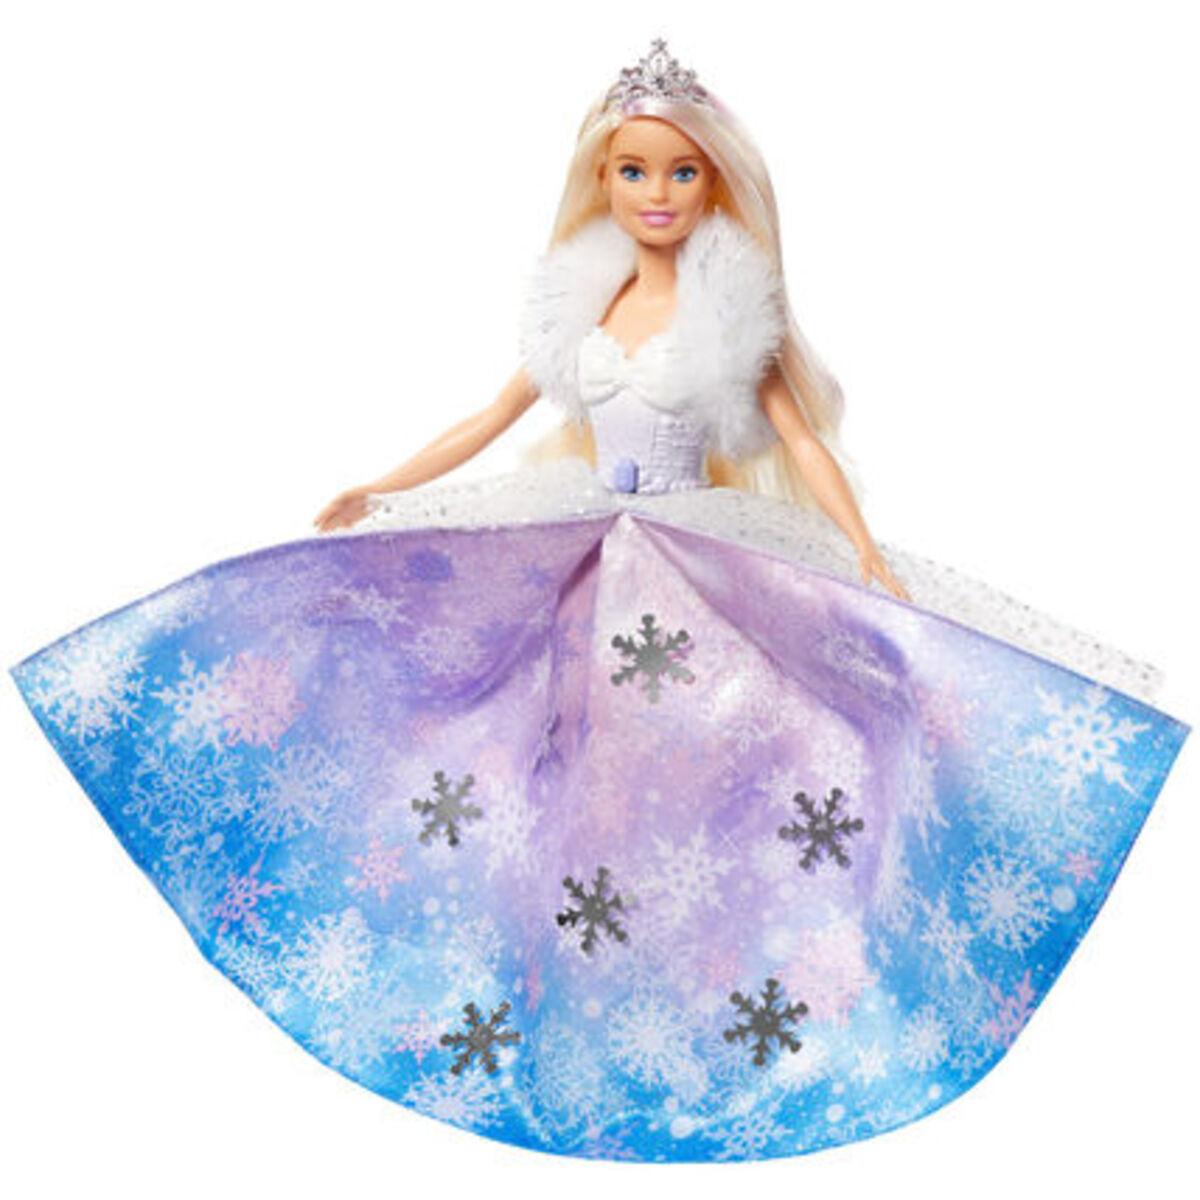 Bild 1 von Barbie Dreamtopia Fashion-Prinzessinnen-Puppe, ca. 30cm groß, blond mit pink gesträhnter Haarpartie